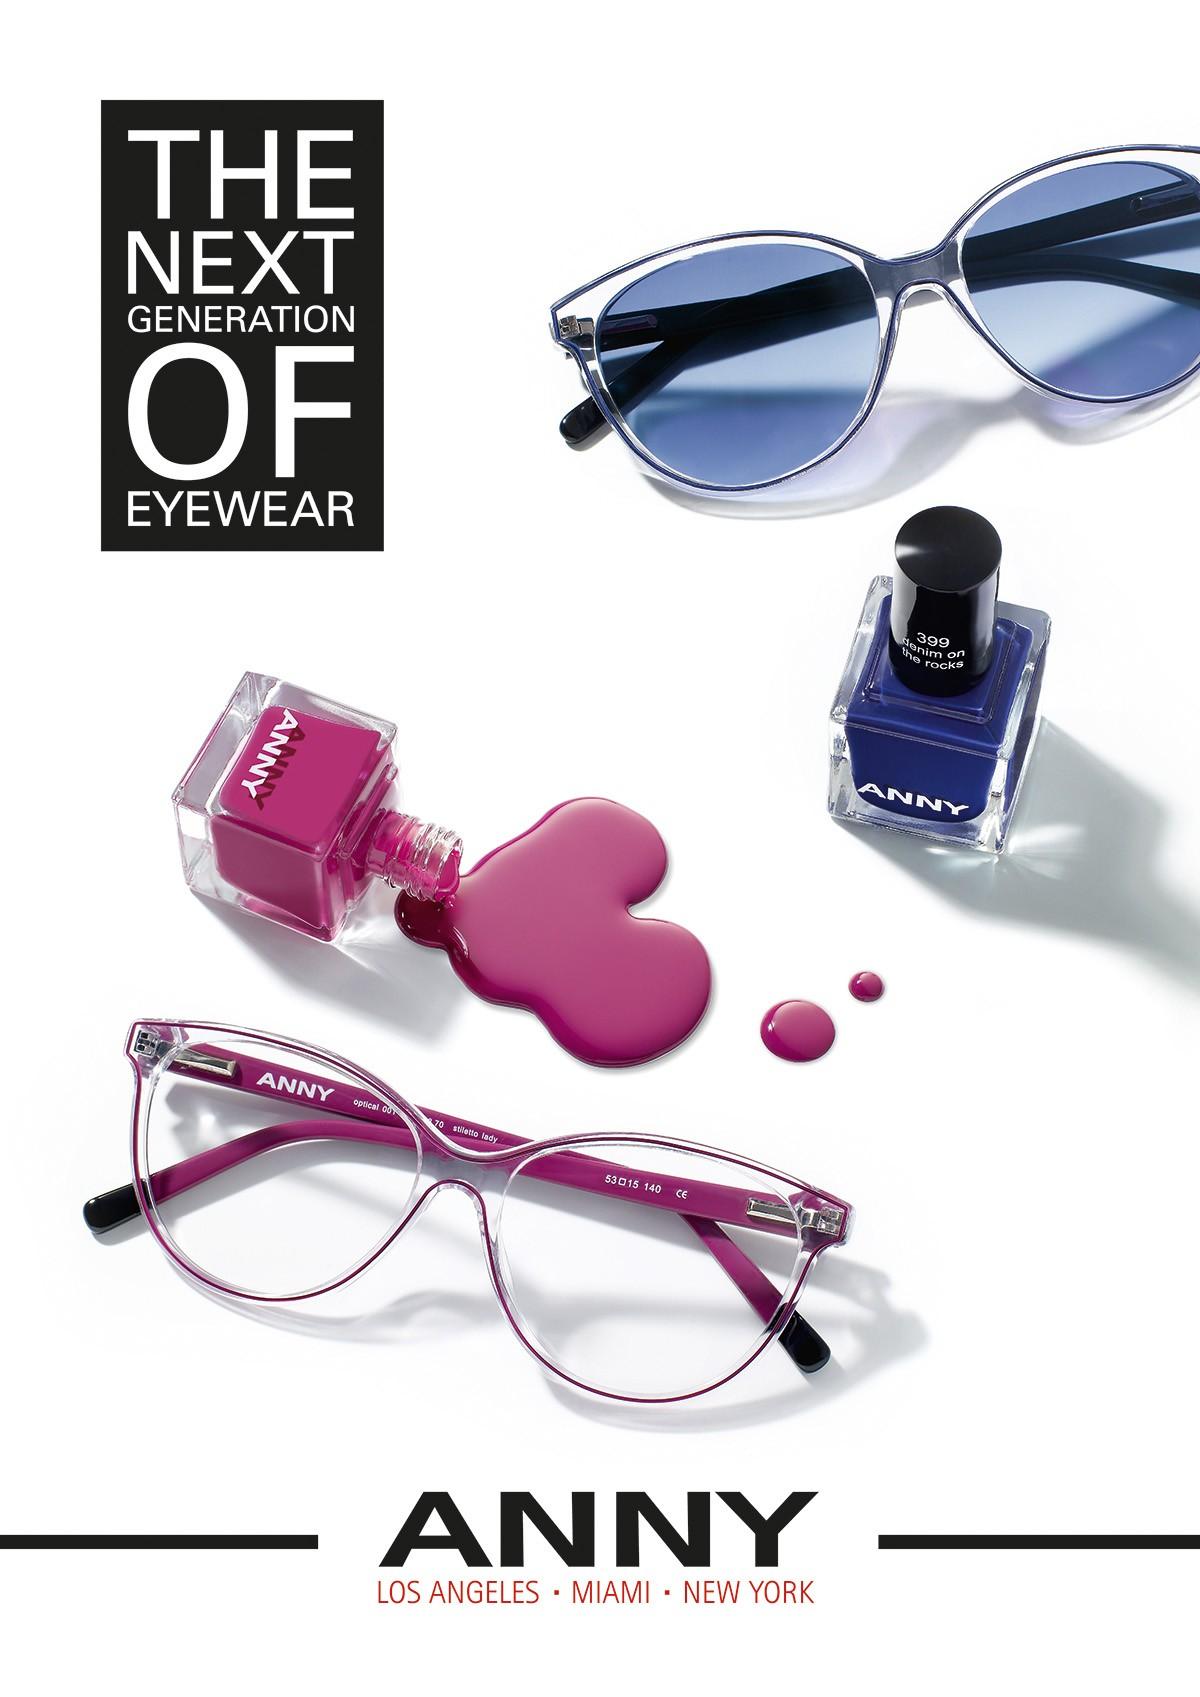 6606531e1f N°2 du marché des cosmétiques en Allemagne, la marque de lunettes de vue  Anny est devenue, en 2 ans, une marque culte.